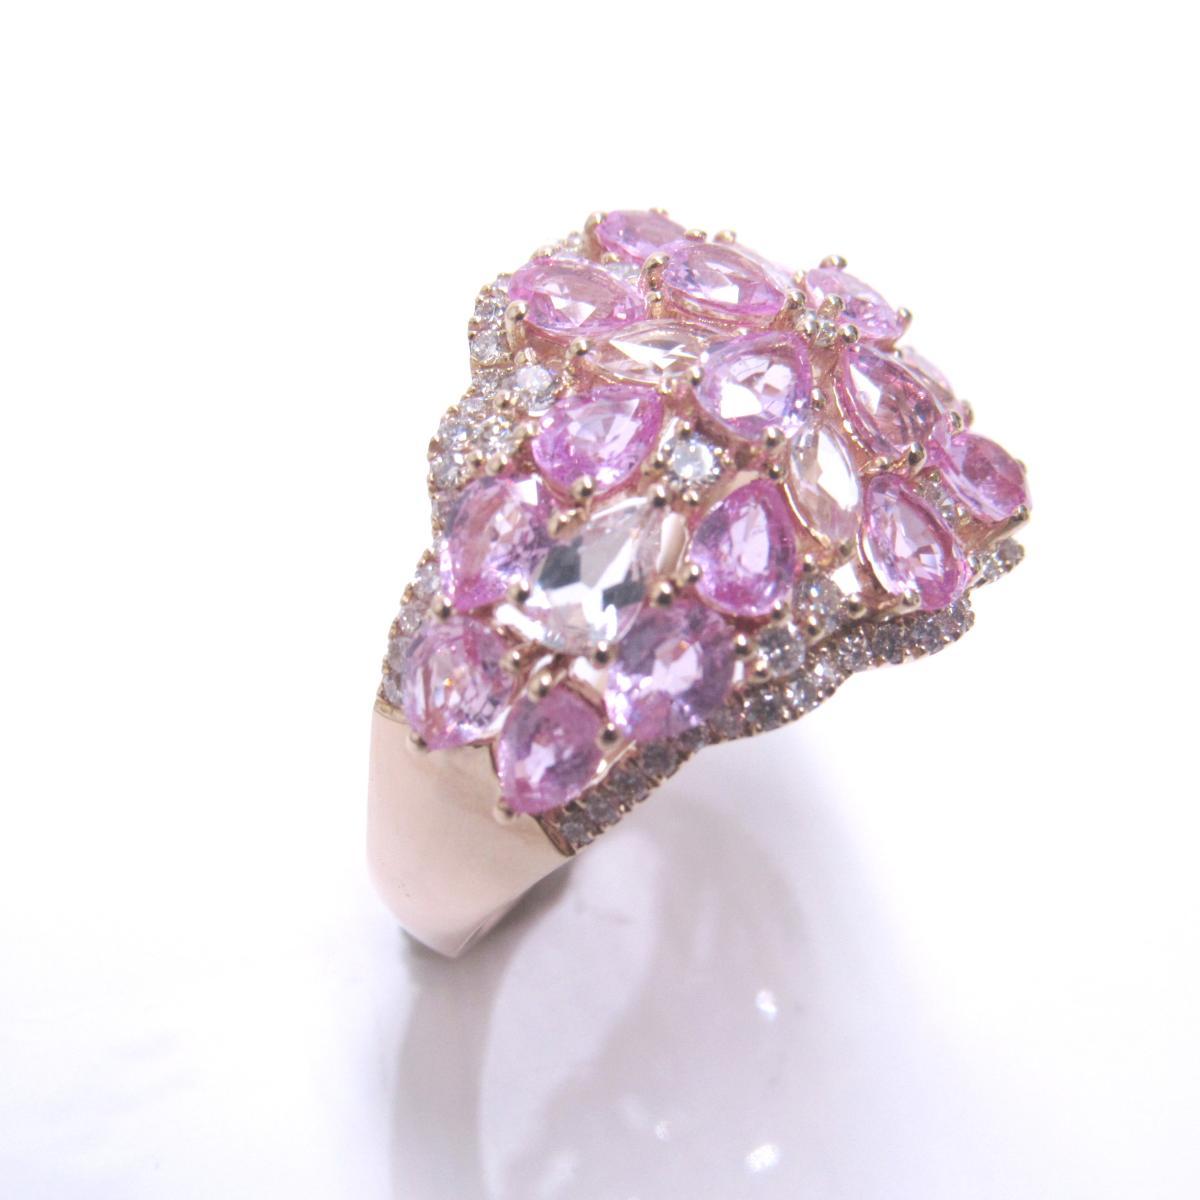 【中古】 ジュエリー リング 指輪 レディース K18PG (750) ピンクゴールド x ピンクサファイア (4.69ct) ダイヤモンド (0.76ct) ピンク | JEWELRY BRANDOFF ブランドオフ ブランド アクセサリー